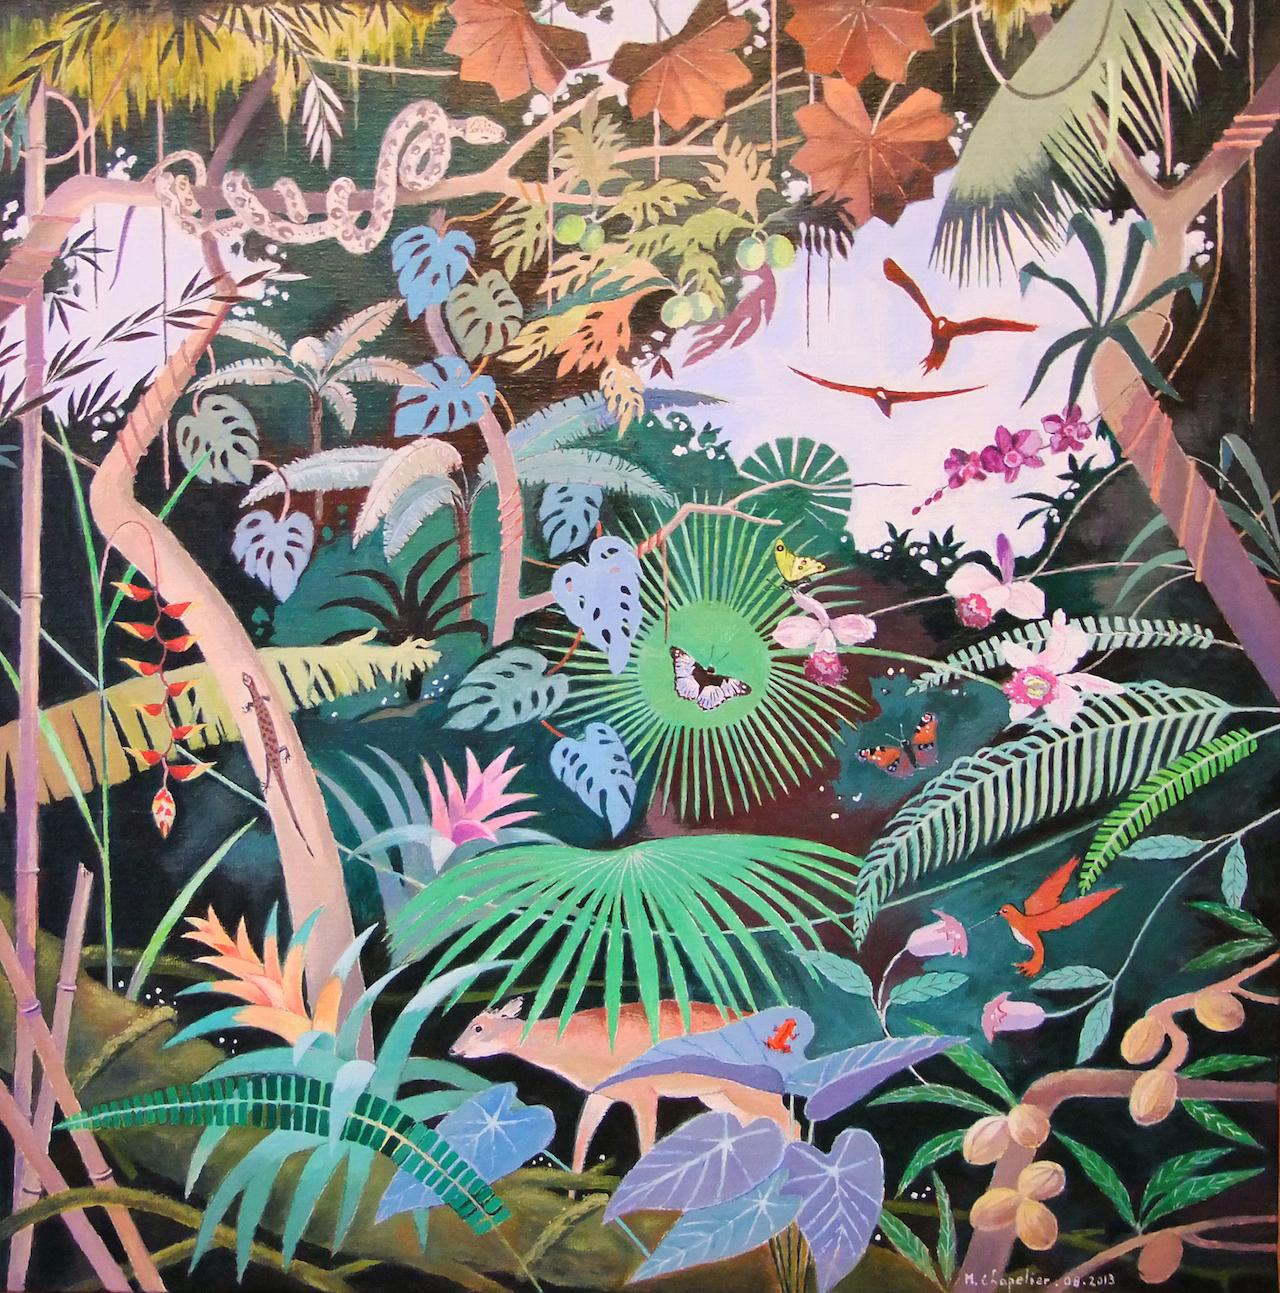 Faune et flore de forêt tropicale